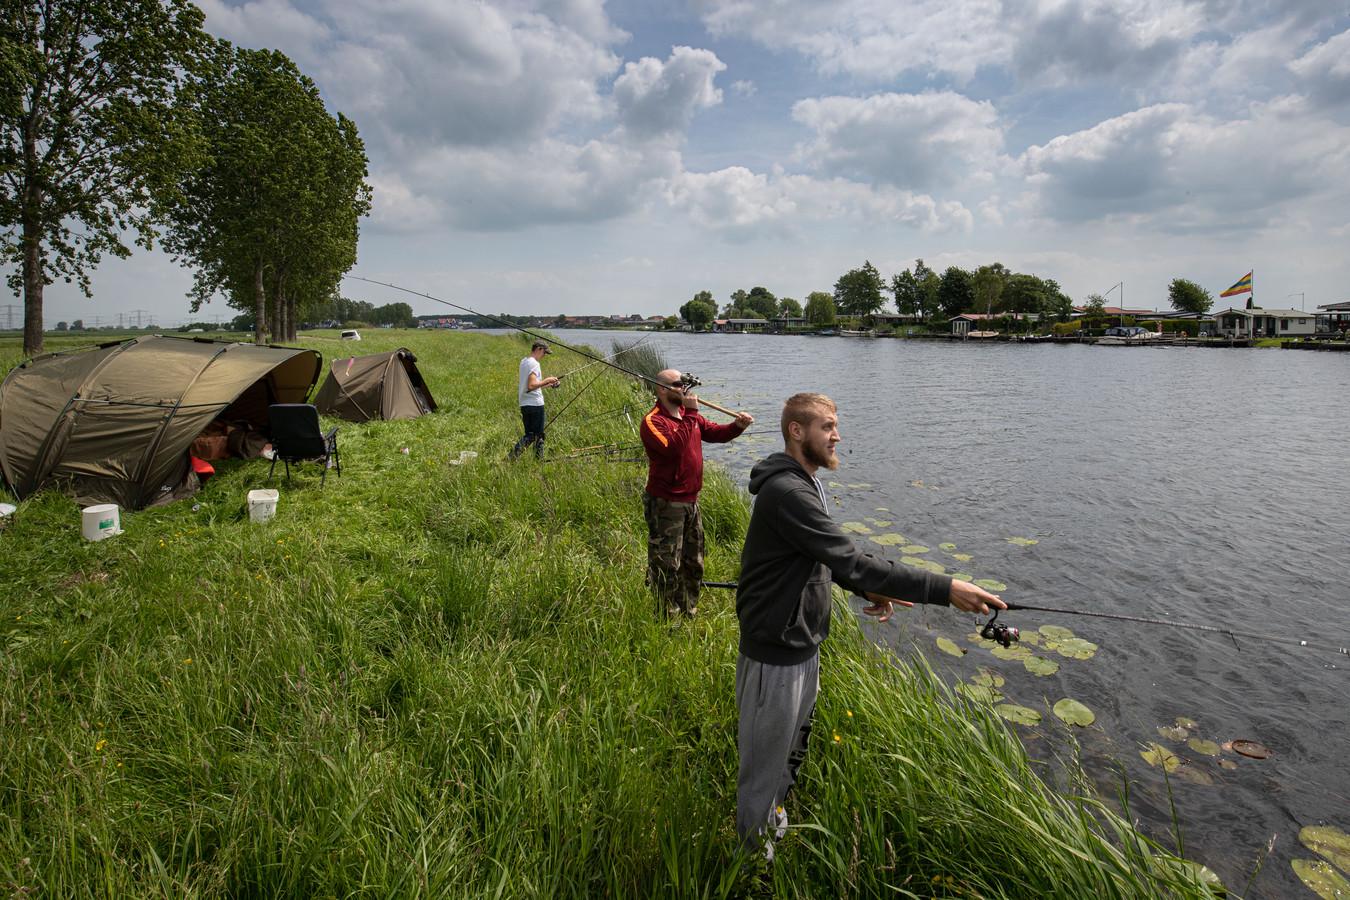 Buitenlandse vissers Andreas Wegner (r), Isaak Schaber (m) en Damian Friesen (l) zeggen de Nederlandse regels wel te kennen.